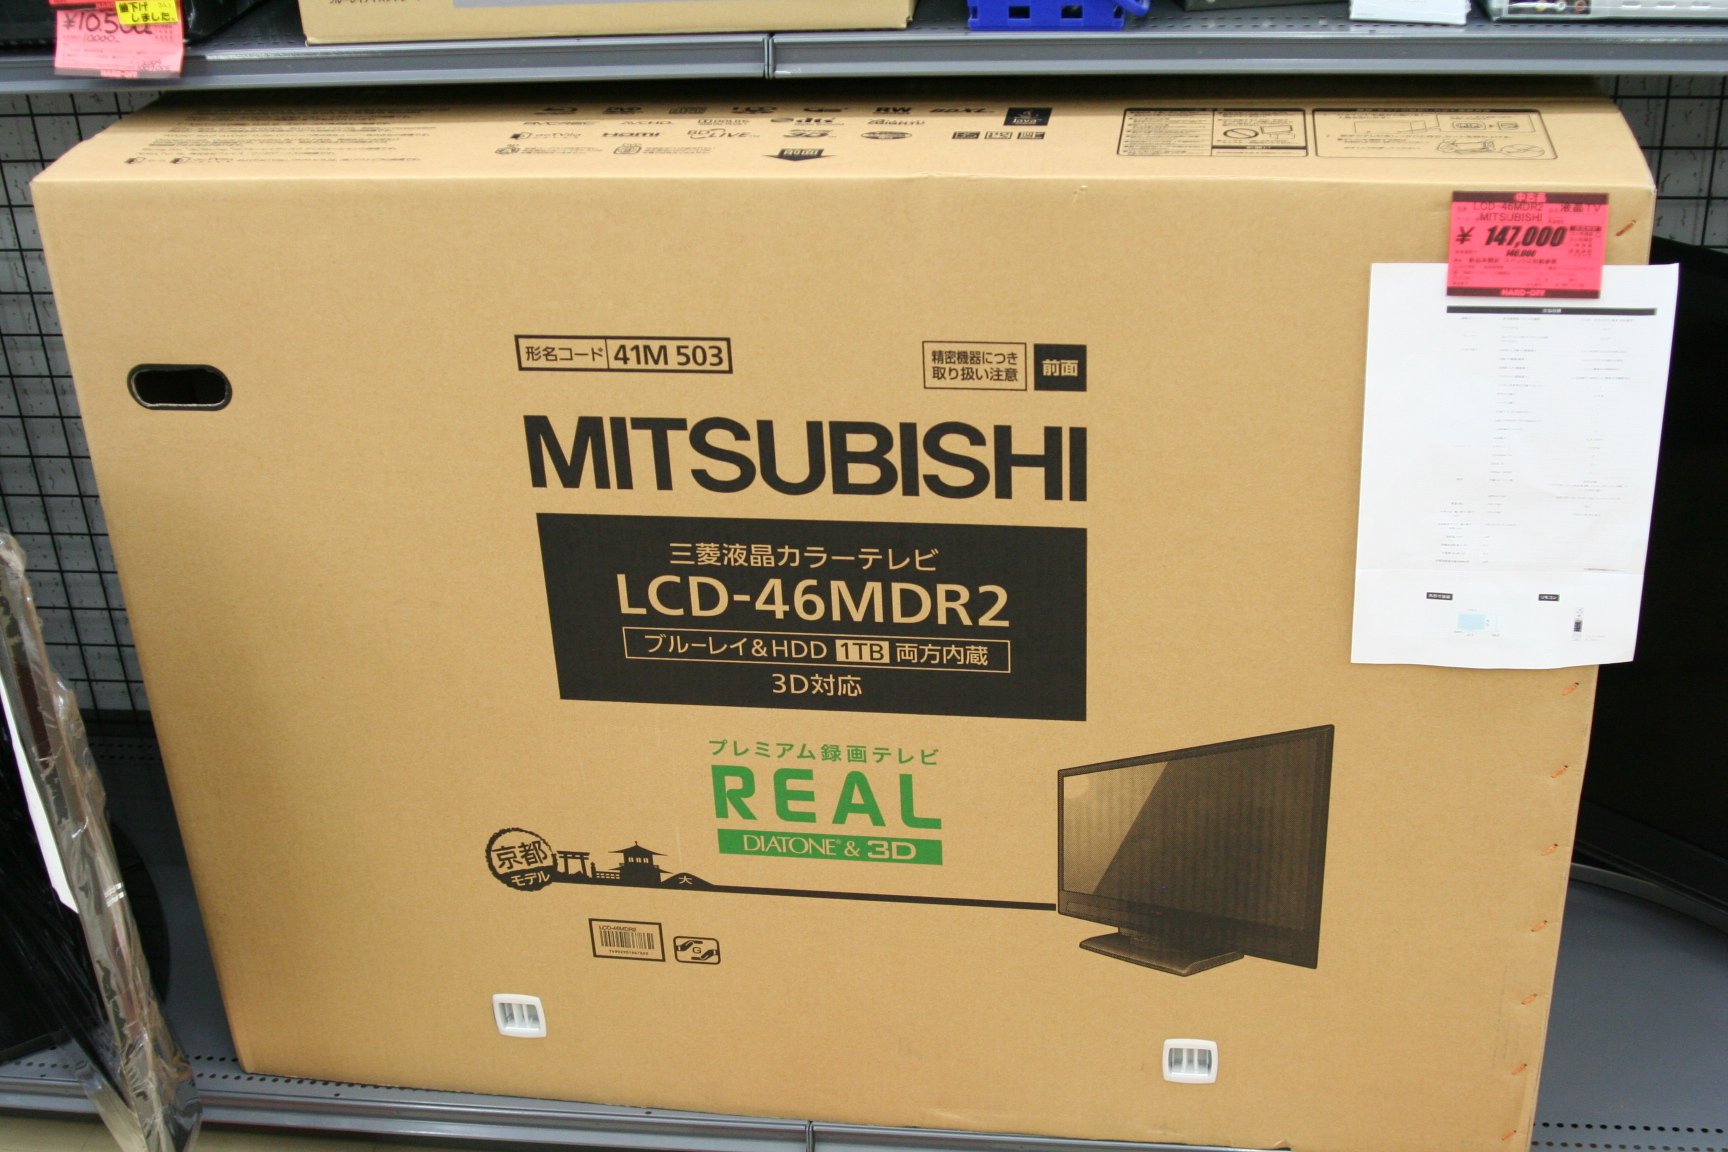 三菱 液晶テレビ REAL (LCD-46MDR2)